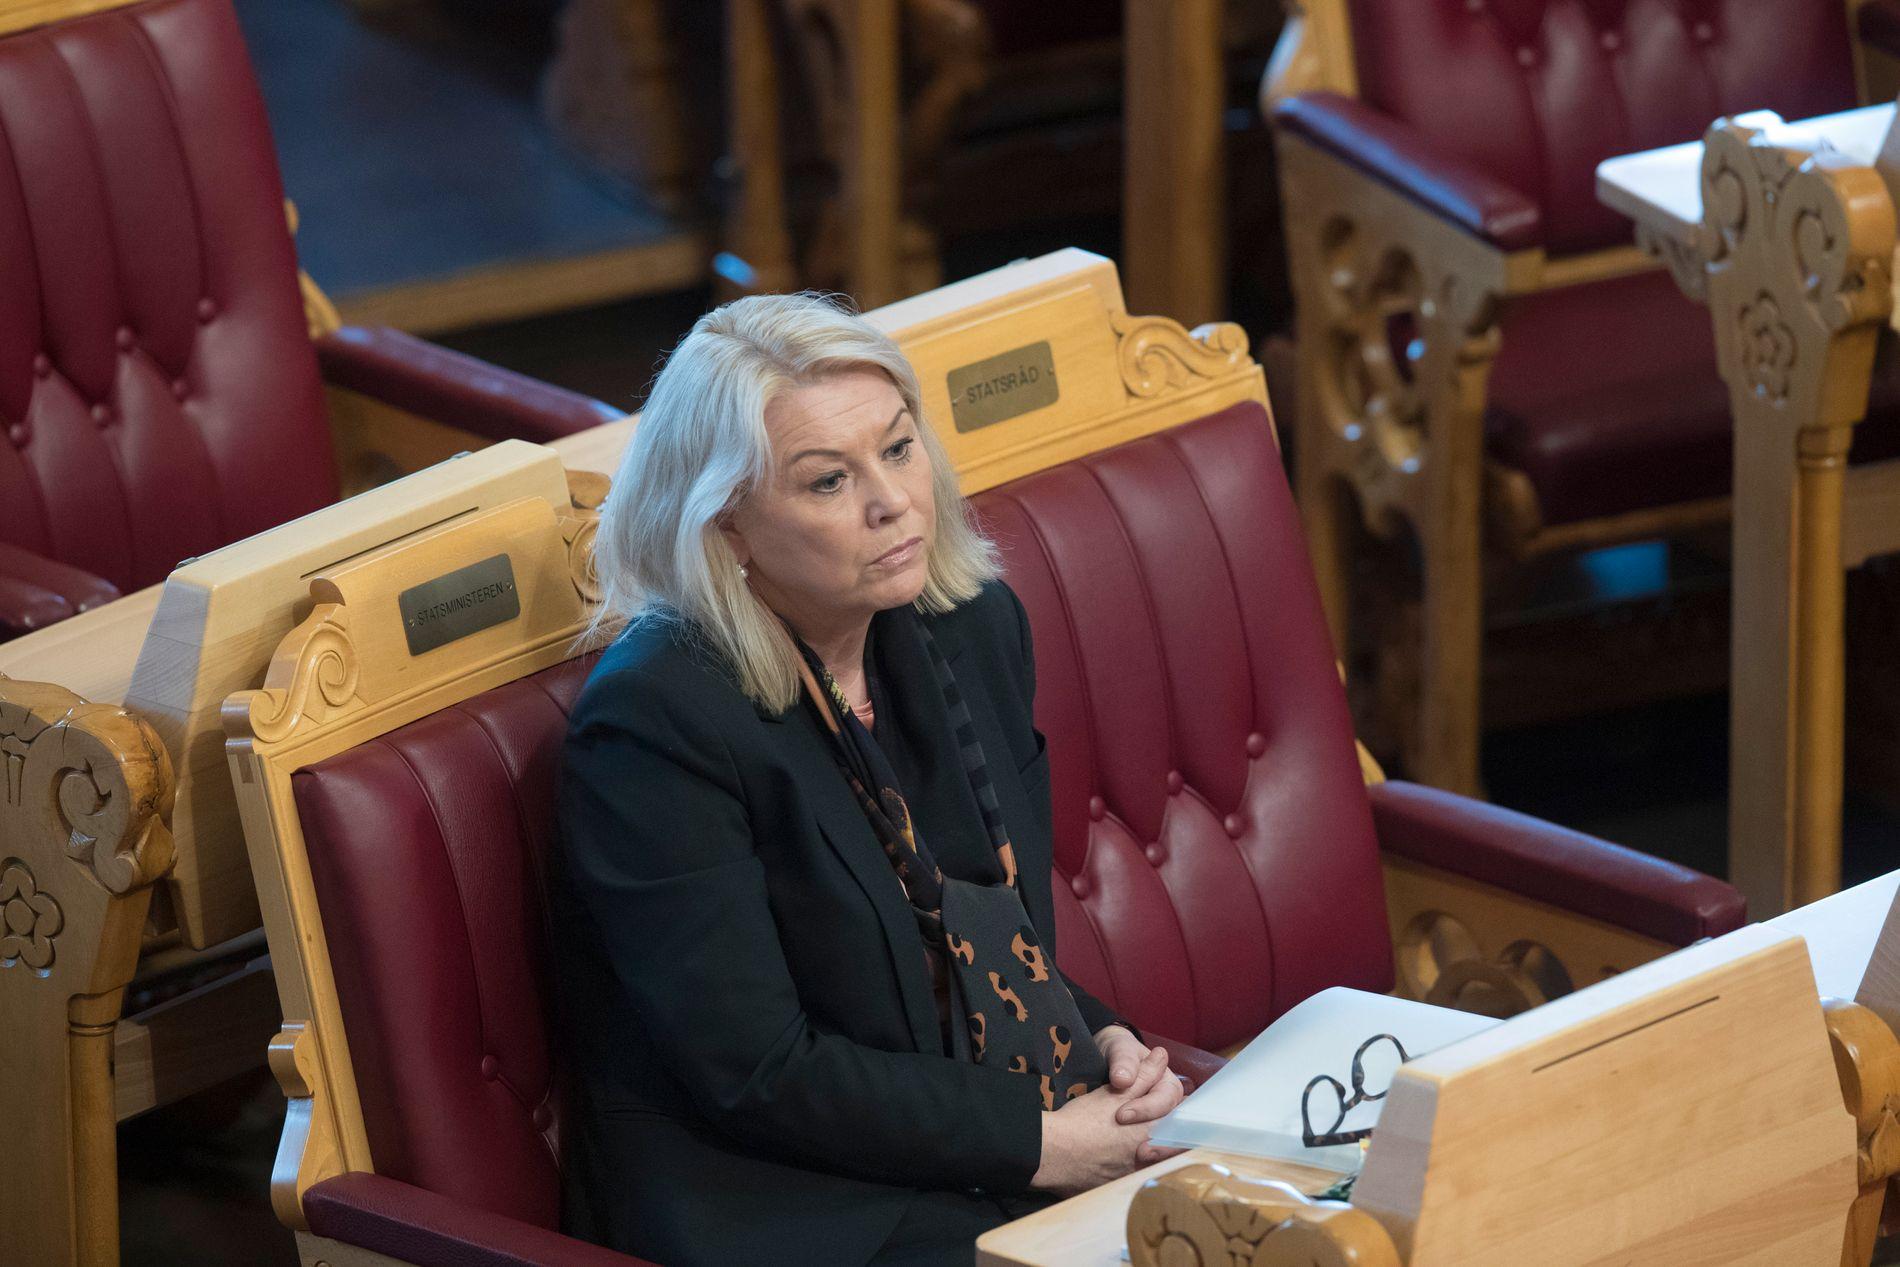 TVANG: Kommunalminister Monica Mæland kan ikkje stoppe ein samanslåingsprosess som nasjonalforsamlinga har vedtatt. Men ho ser ikkje eingong behovet for å vere entusiastisk.